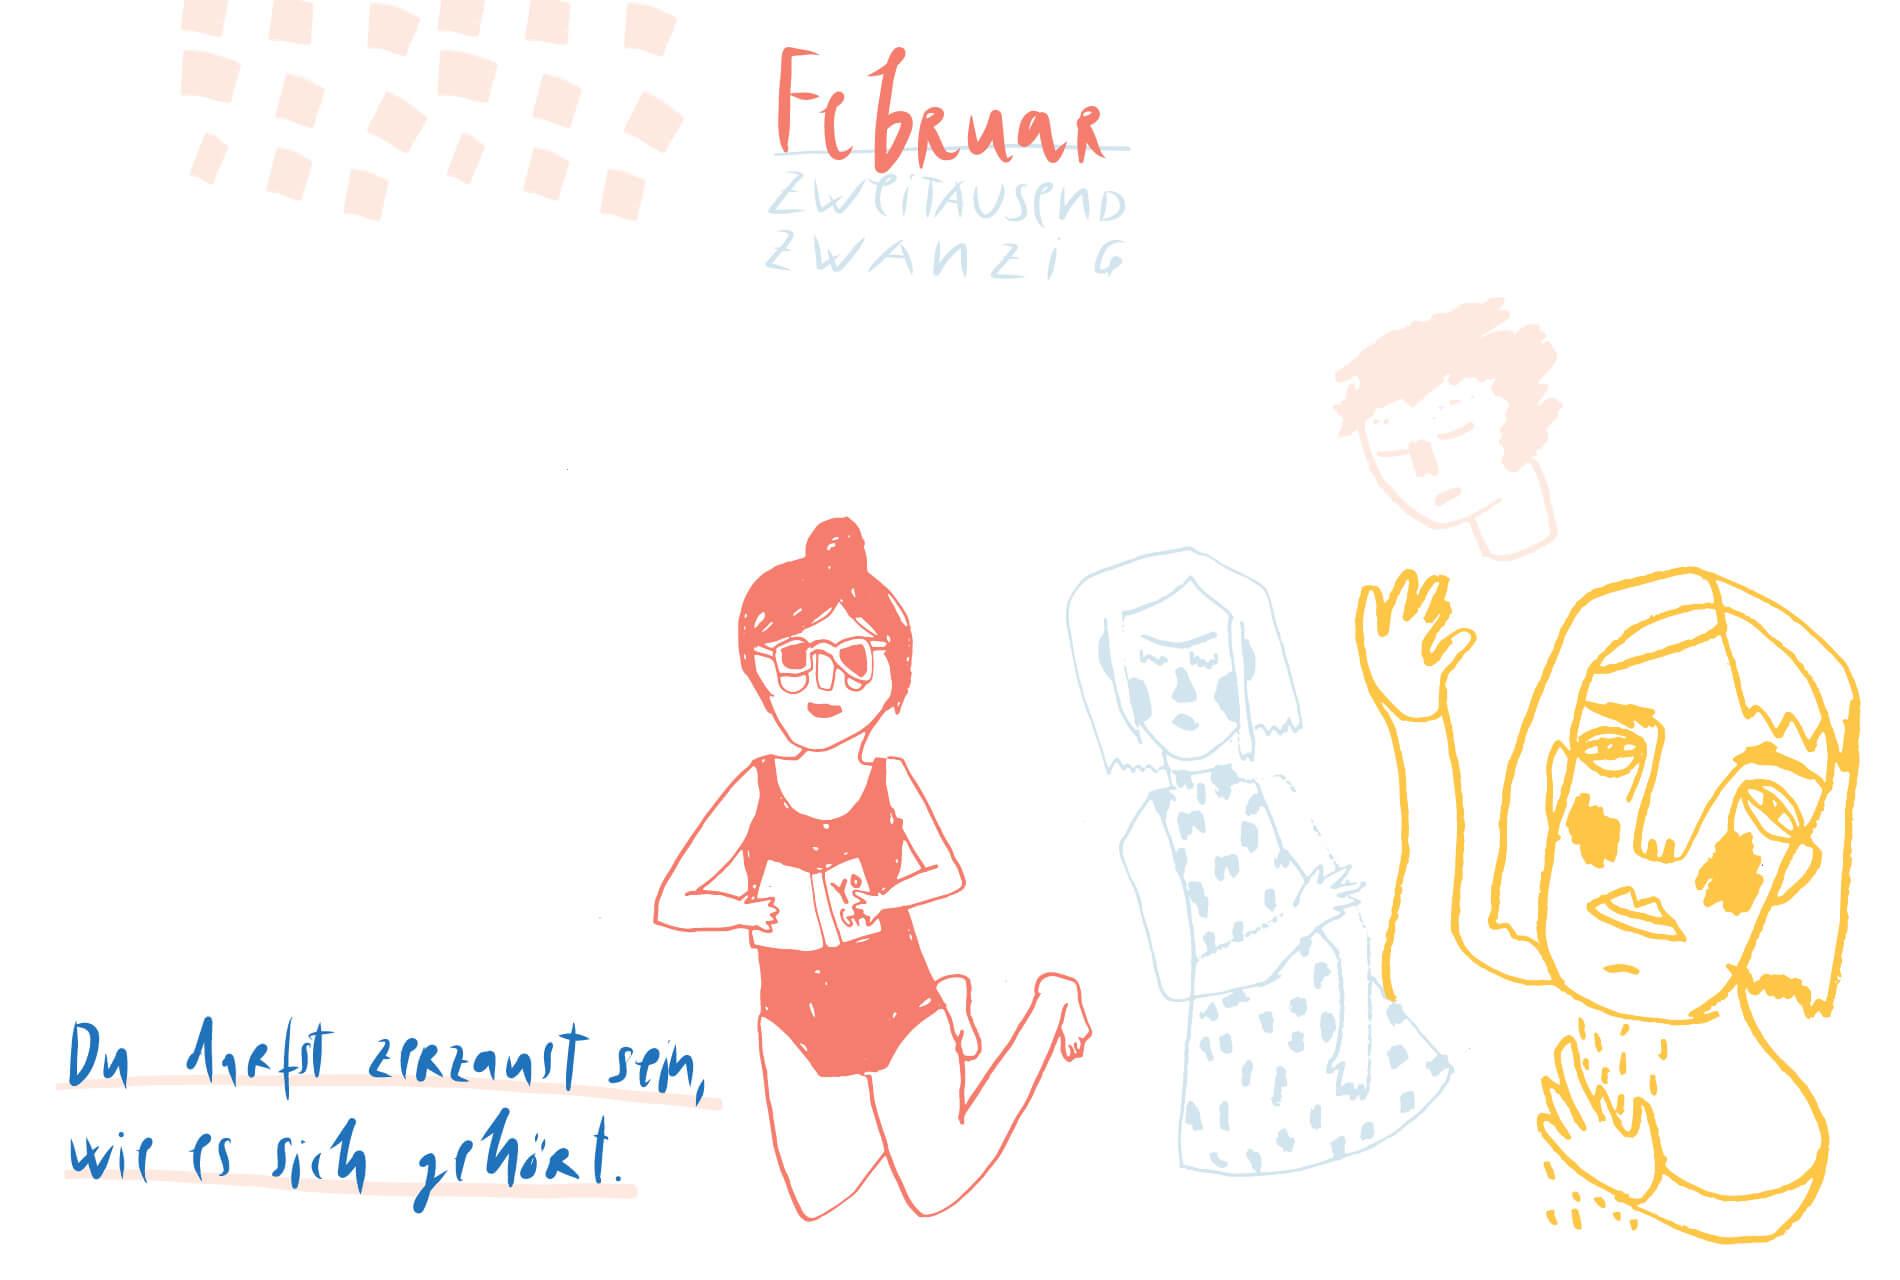 Matrosenhunde Illustration Zeichnung Illustratorin Text Prosa Monatskalender Februar Du darfst zerzaust sein wie es dir gefällt